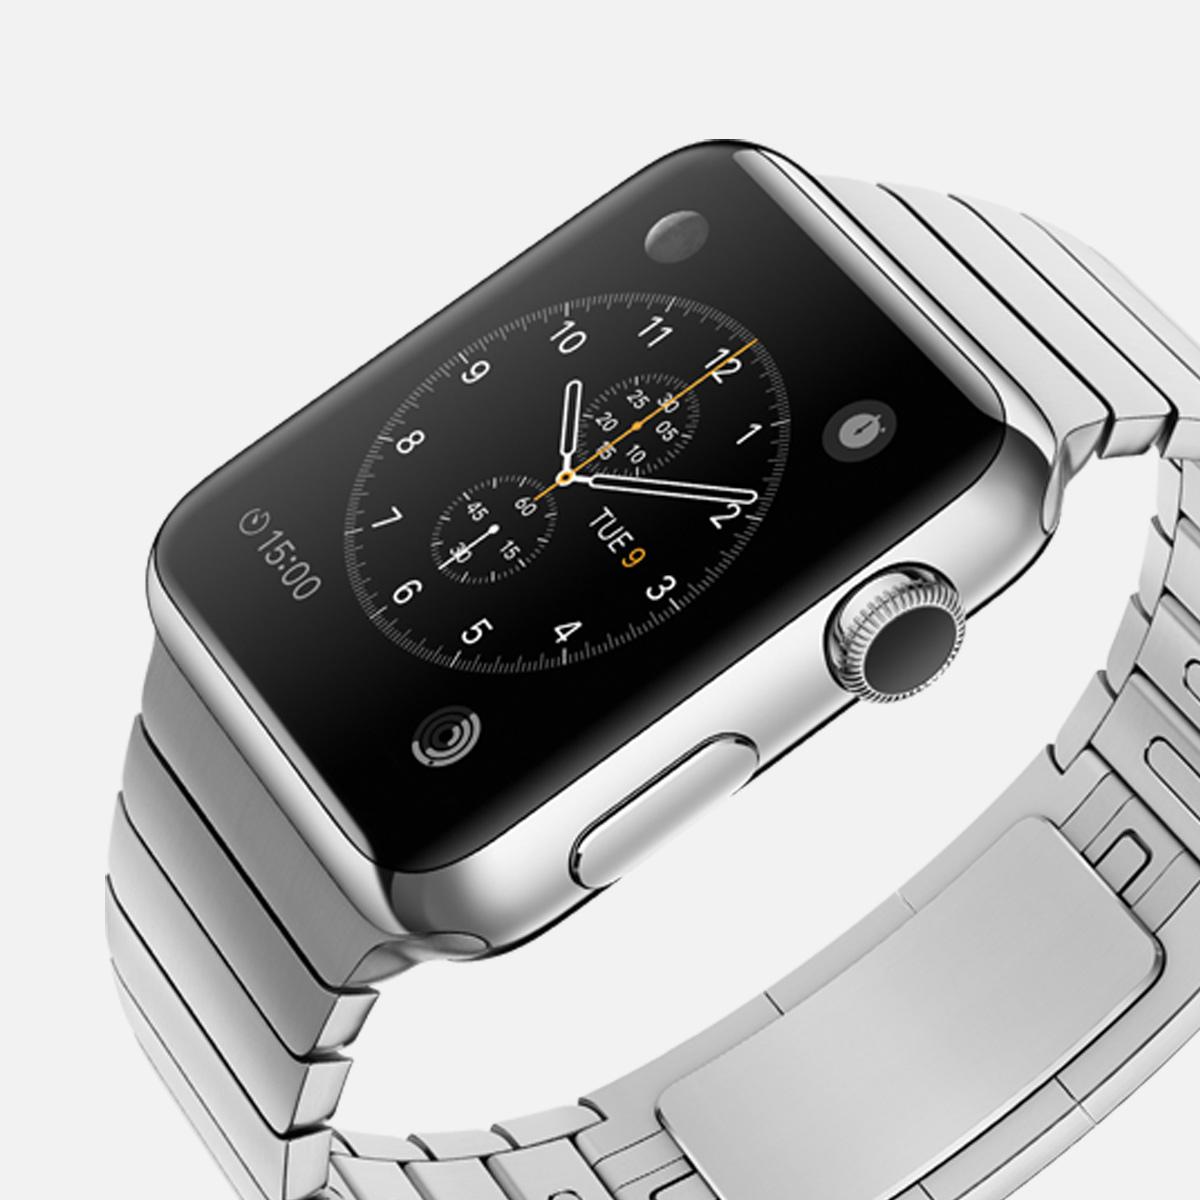 Hétfőn elég ergya dolgok <a href='http://appleblog.blog.hu/2015/02/02/megdobbentoen_ergya_dolgok_derultek_ki_az_apple_watch-rol' target='_blank'>derültek ki</a><br /> az Apple Watch-ról: egy fejlesztő elmondta, hogy az első verzió szinte csak az iPhone második kijelzője lesz, a külső cégek szinte semmilyen érzékelőhöz, funkcióhoz nem férnek hozzá. Persze az iPhone még ígyebbül indult.